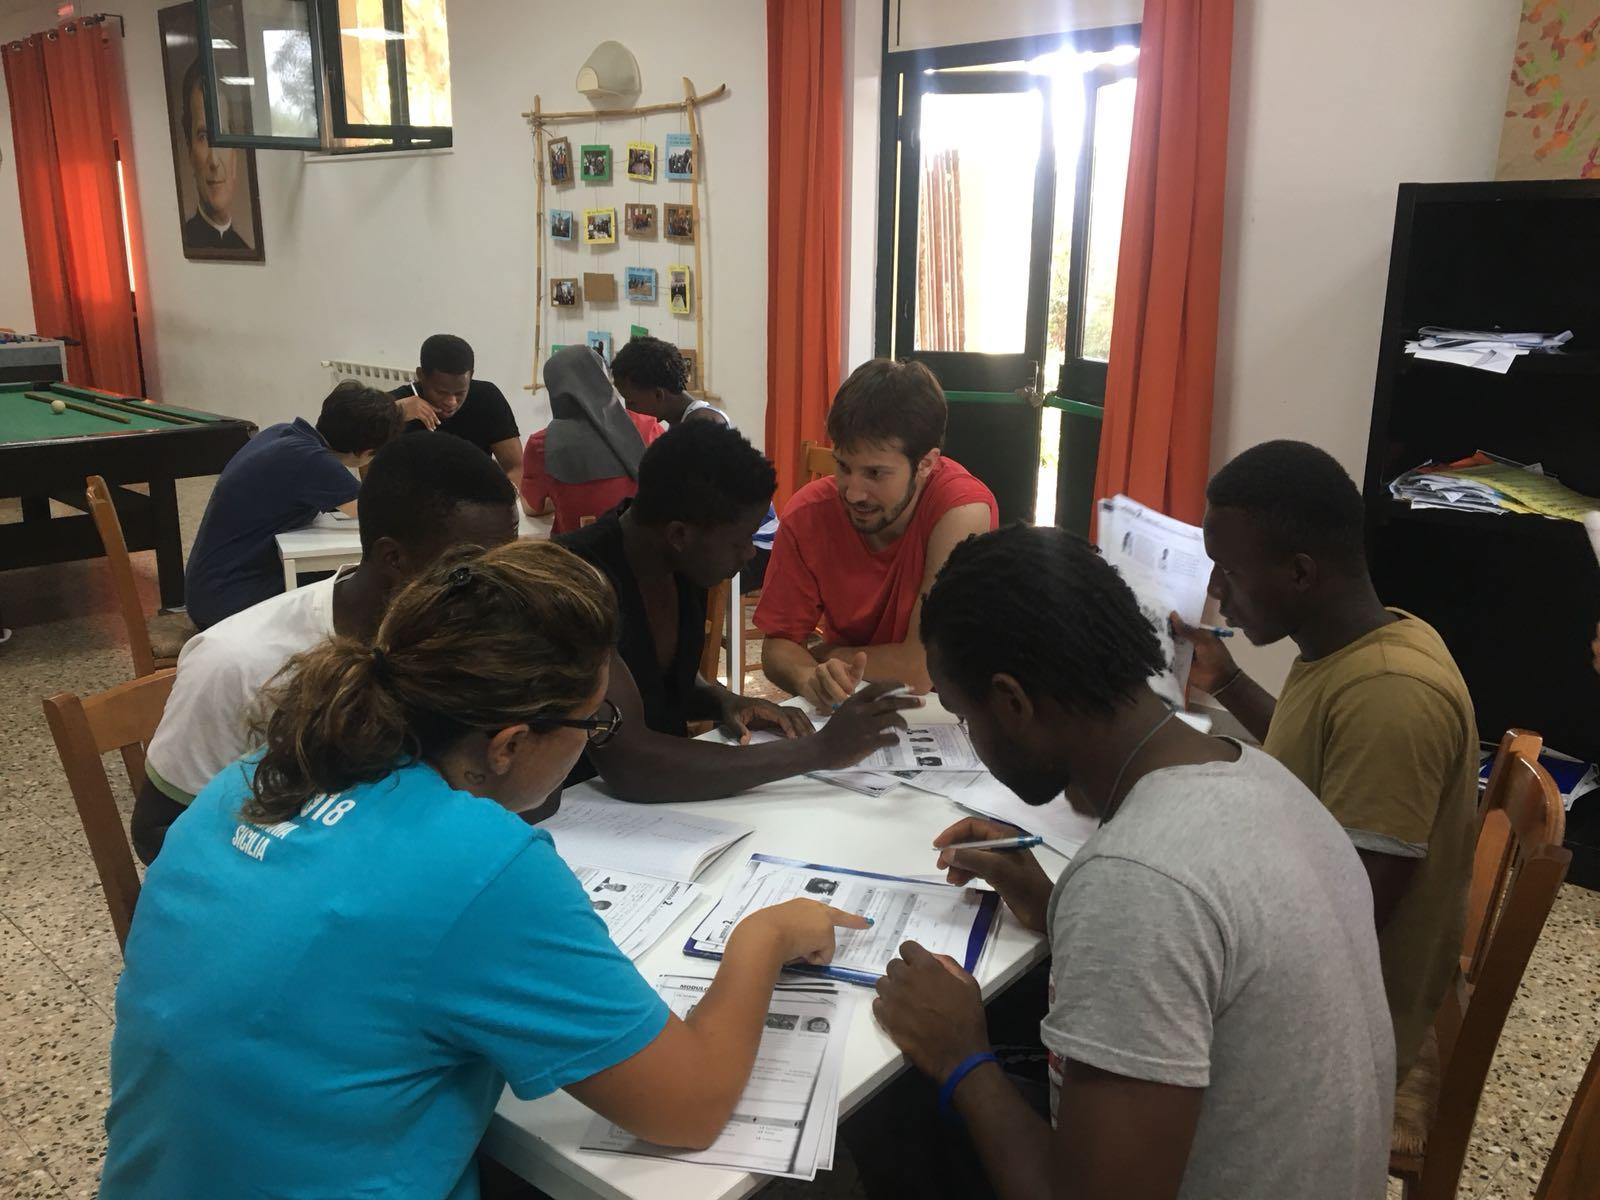 Centro Formazione Professionale San Benigno Canavese